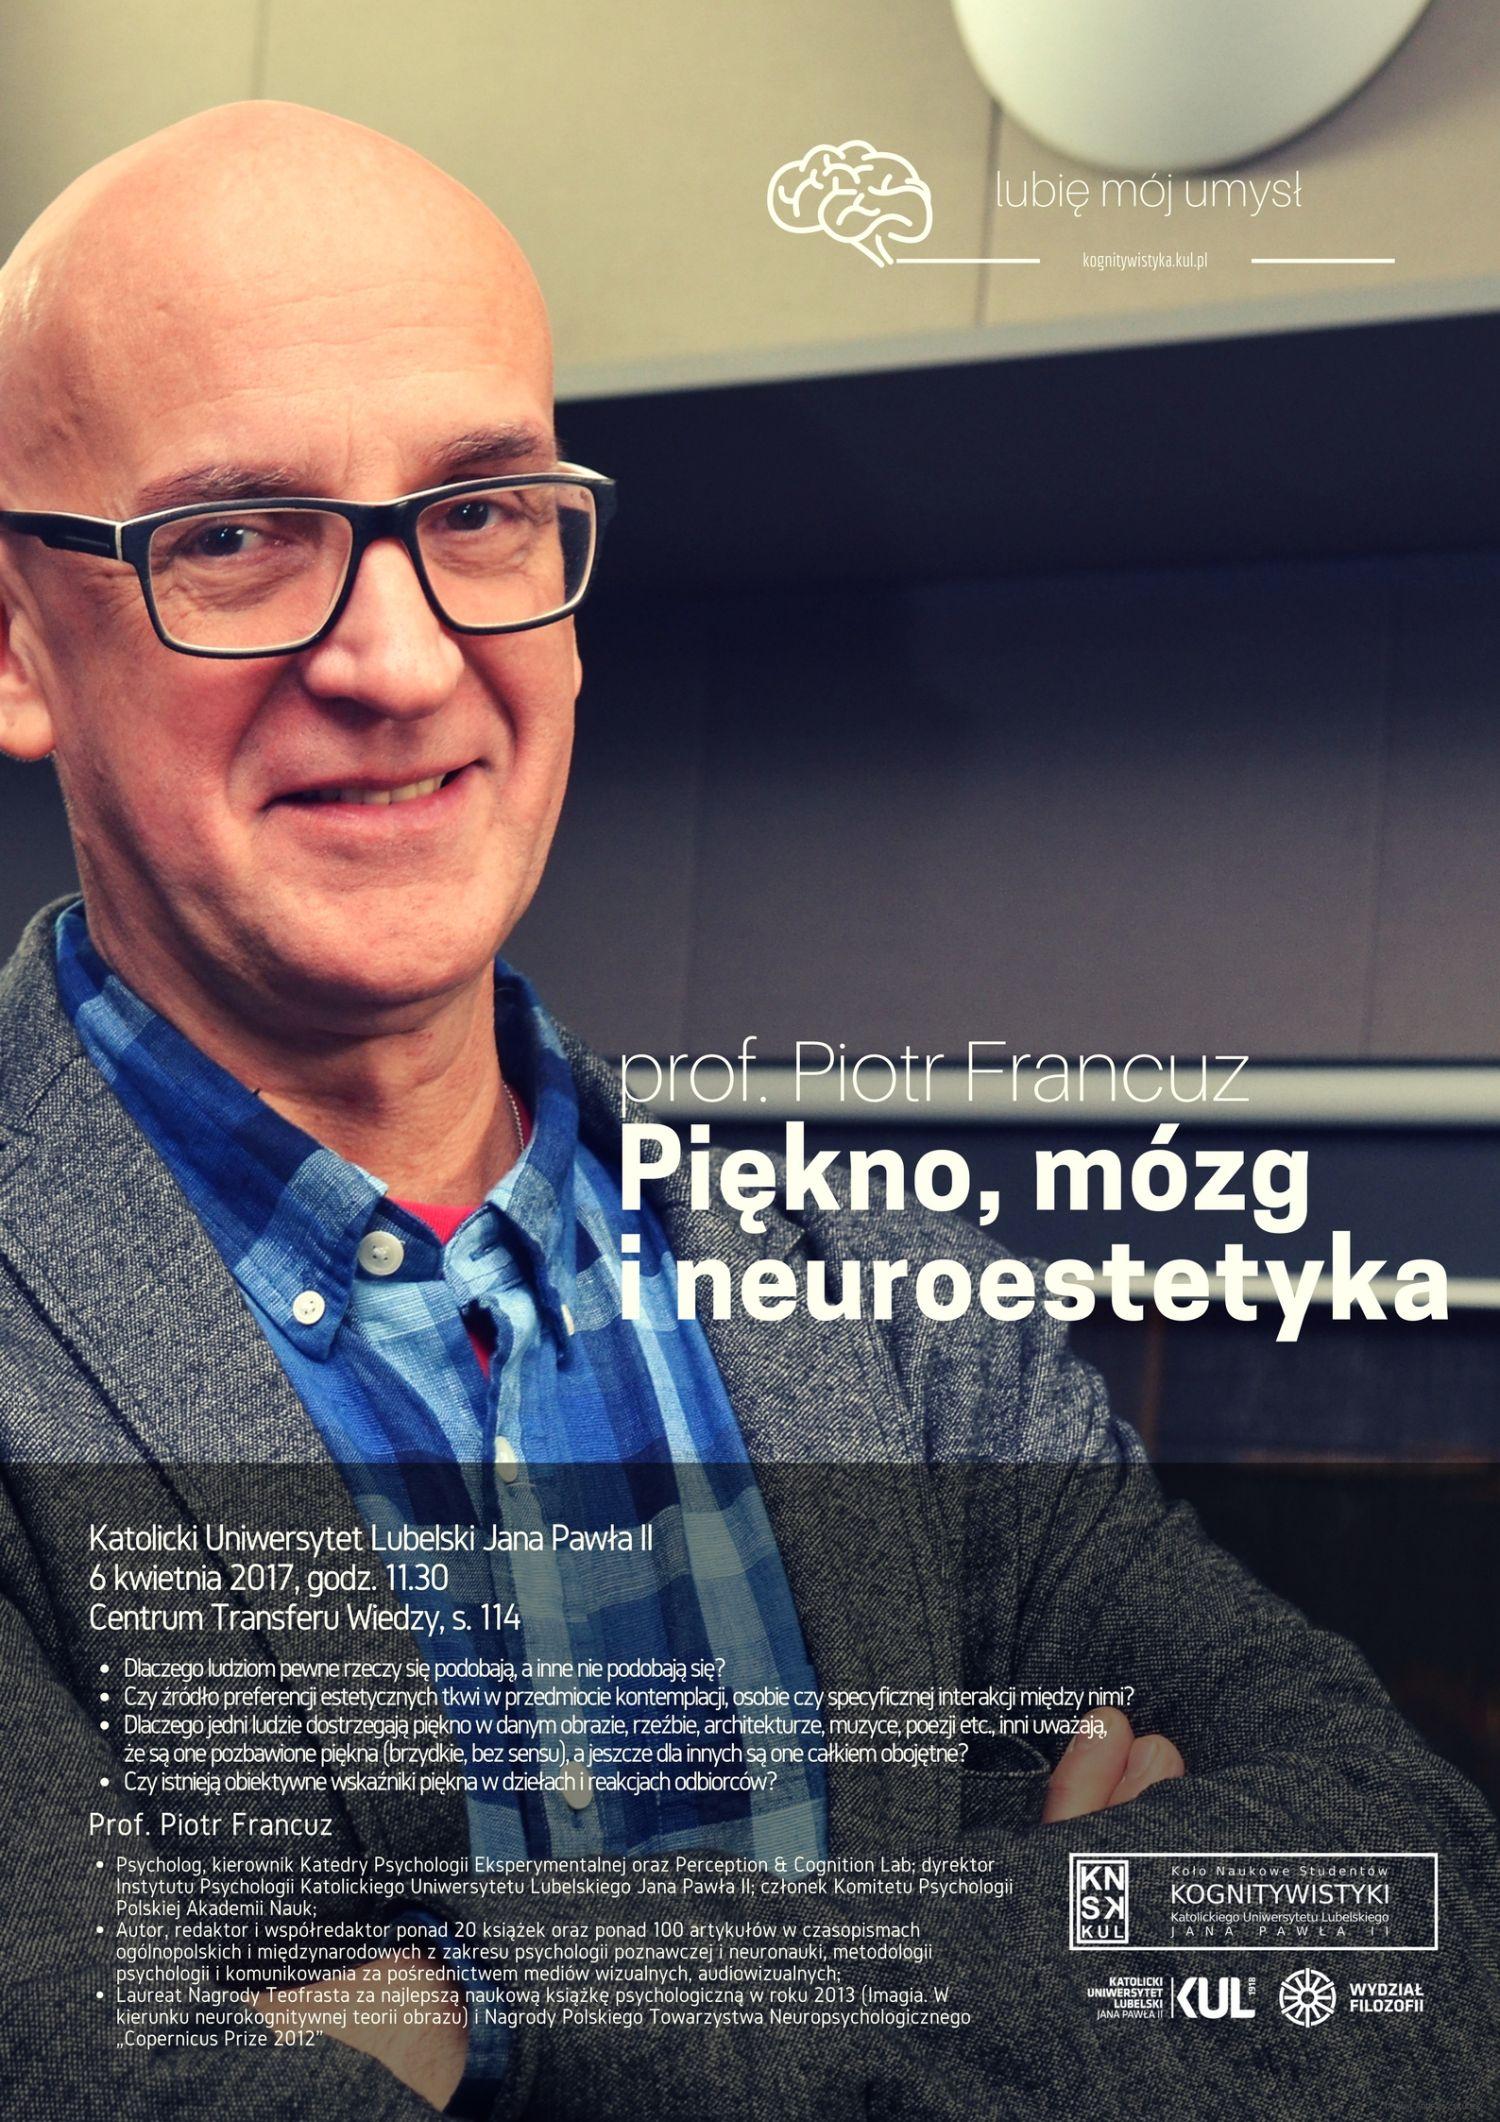 Piękno, mózg i neuroestetyka - Piotr Francuz